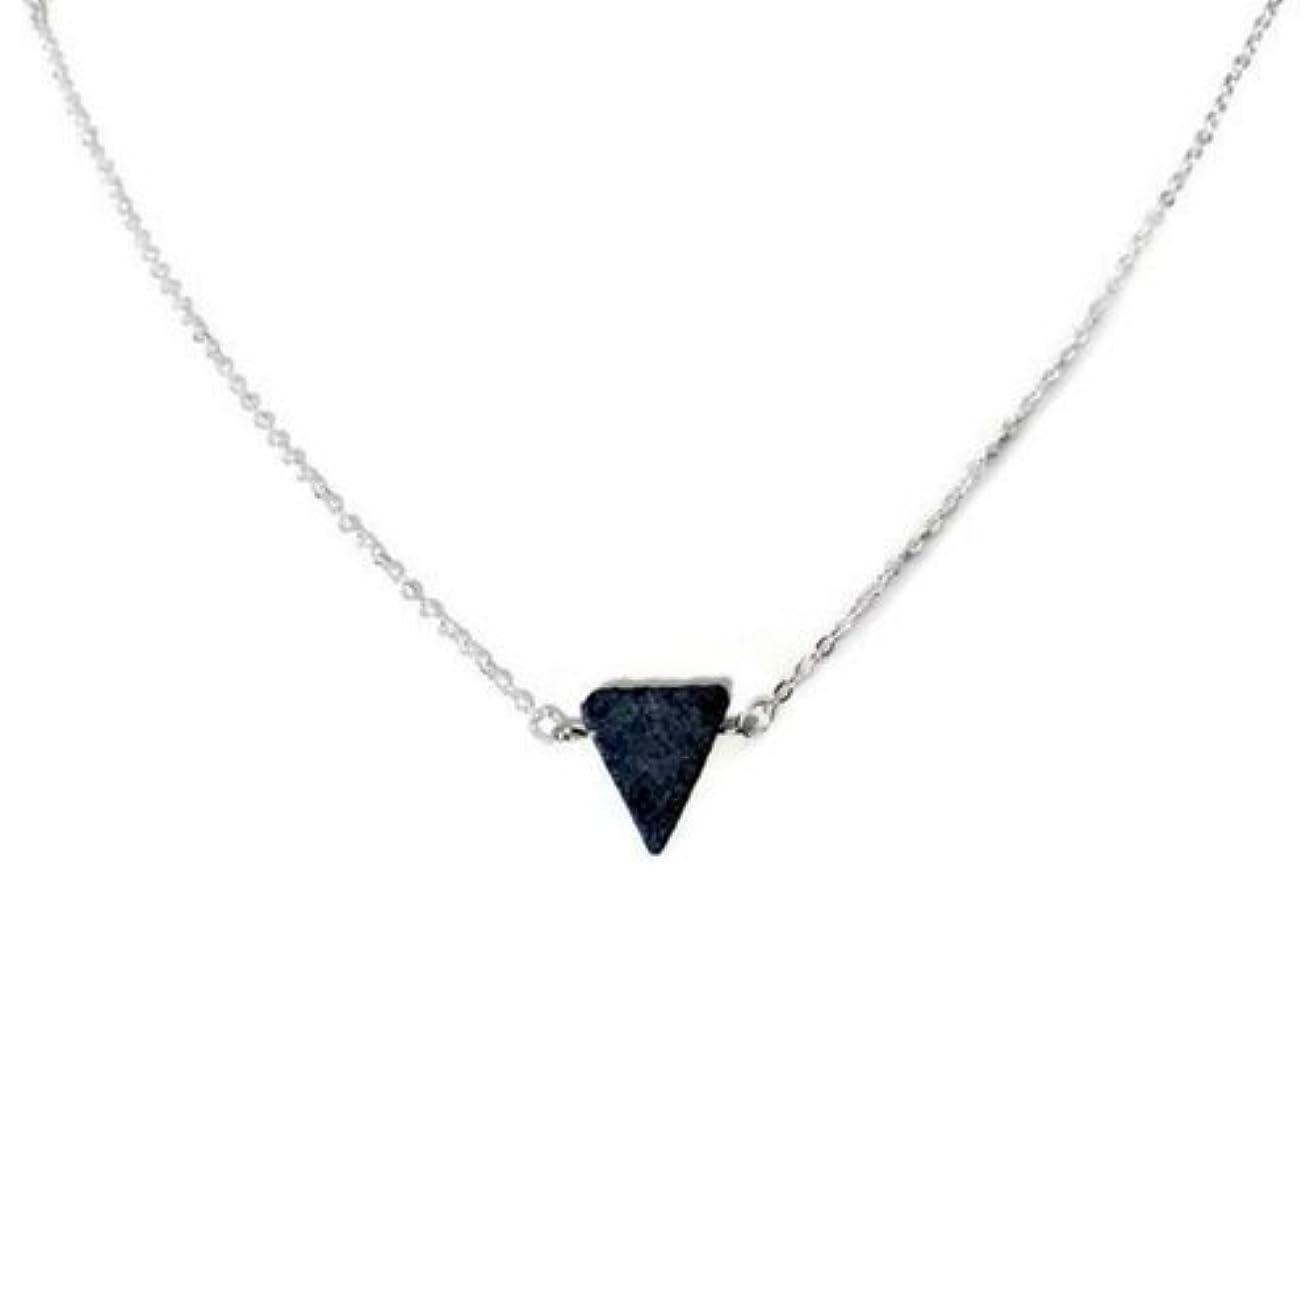 始める頼む熱心なEssential Oil Diffuser Necklace Lava stone jewelry [並行輸入品]